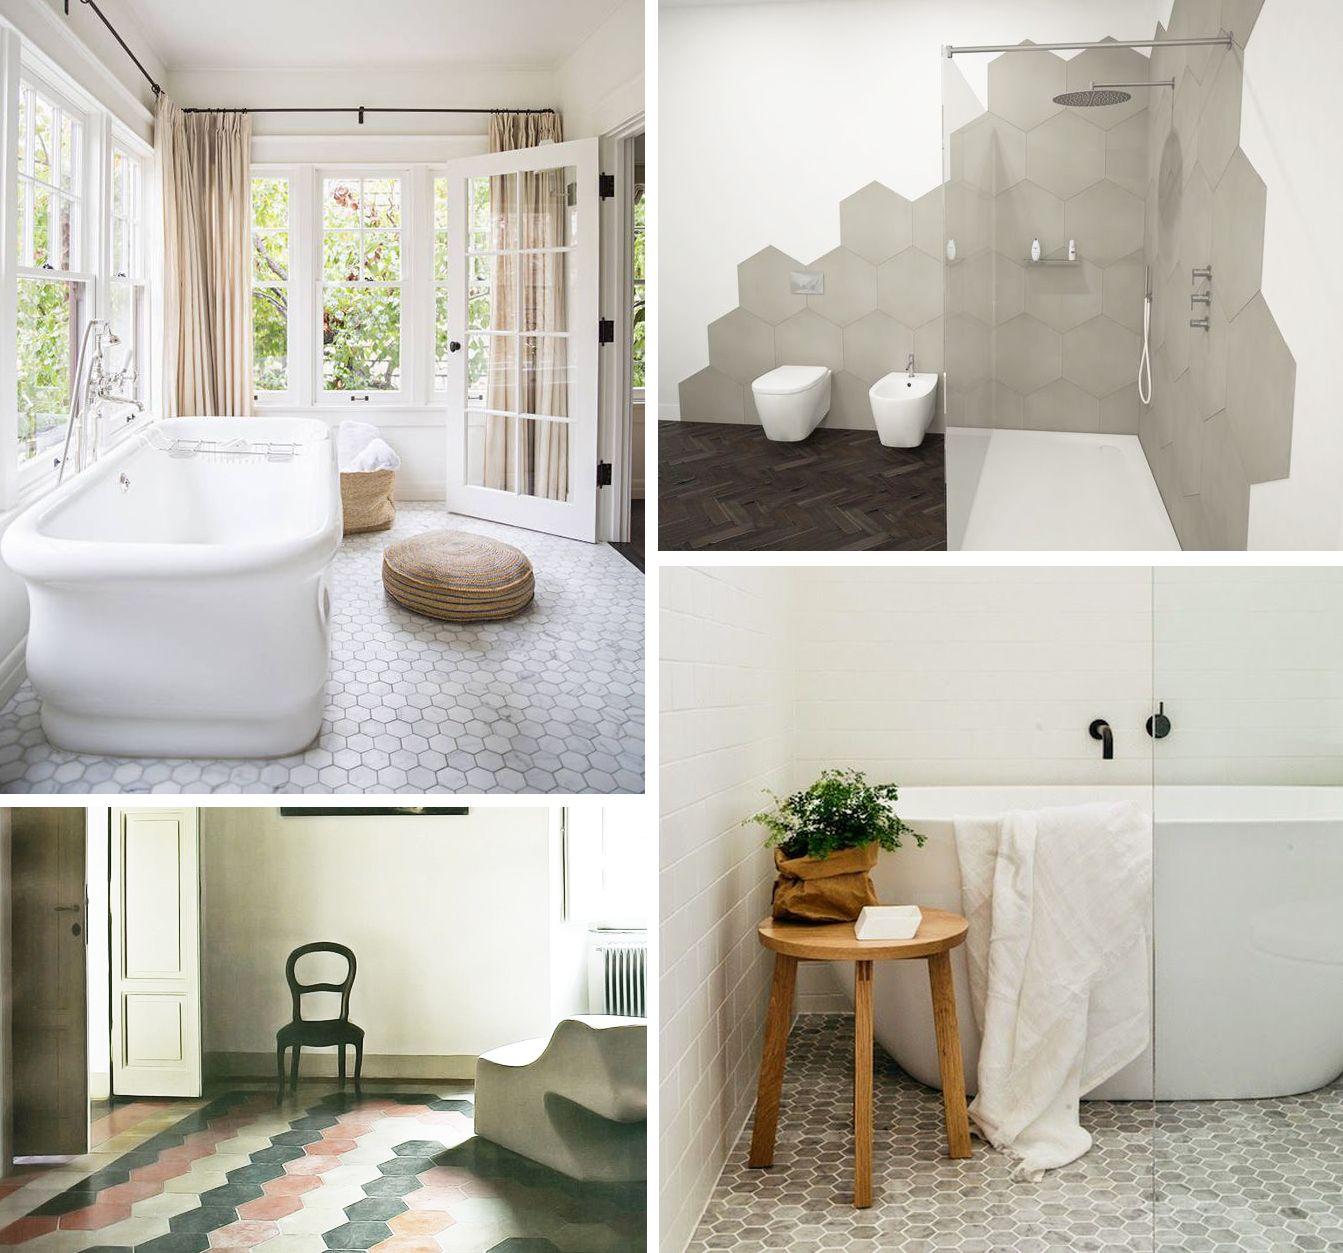 Hexagonale tegels in de badkamer #aarde kleuren | Badkamer | Pinterest